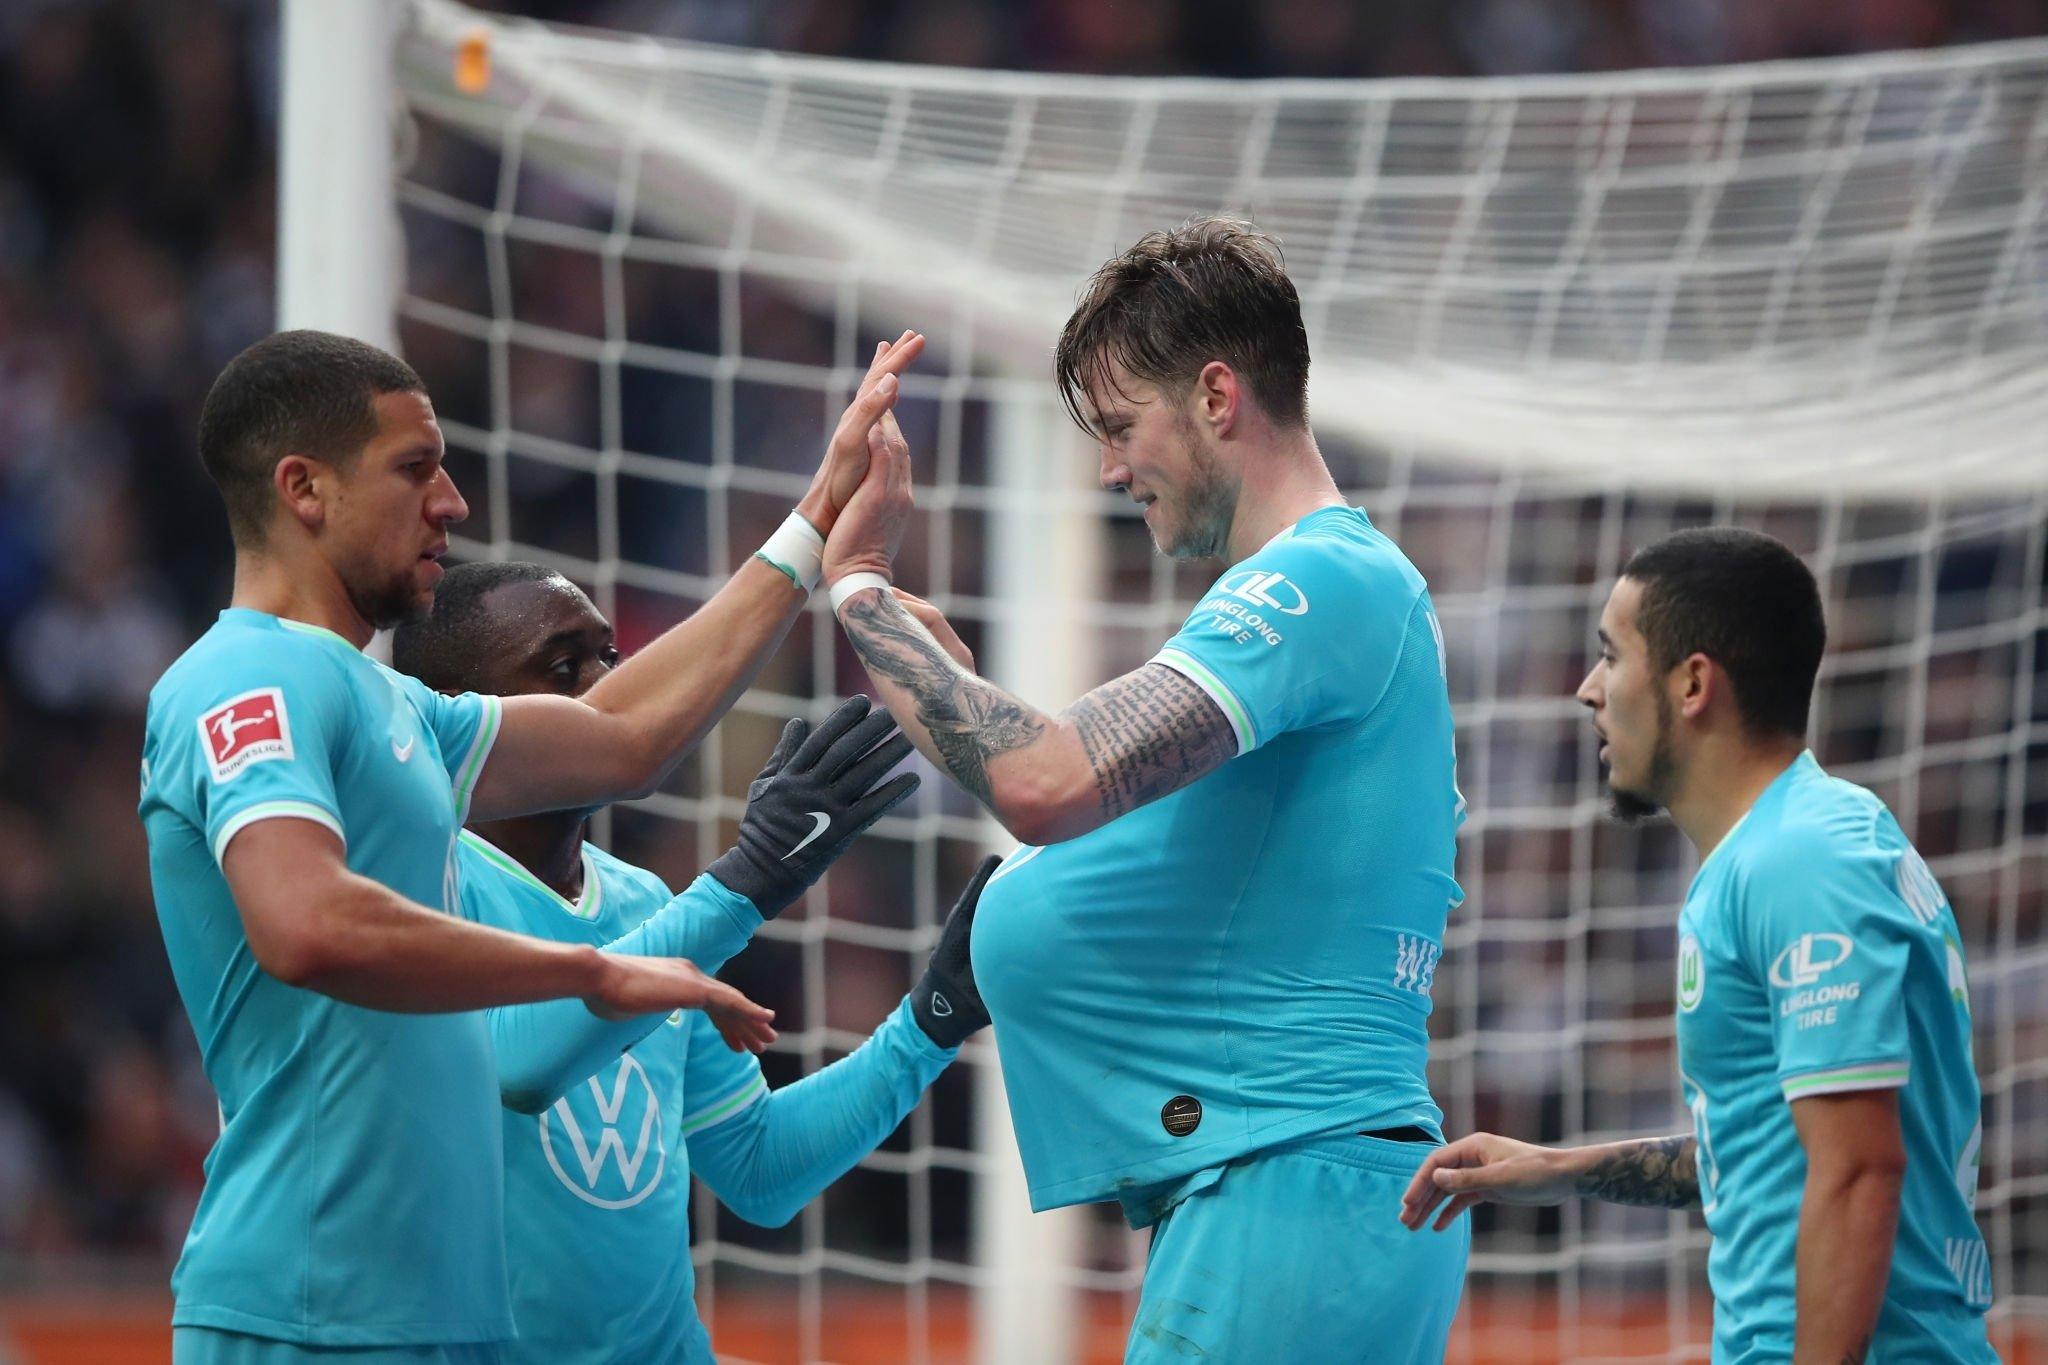 Бундеслига. Поражение лидера, Бавария забила четыре гола Фортуне, Вольфсбург пришел в себя - изображение 3